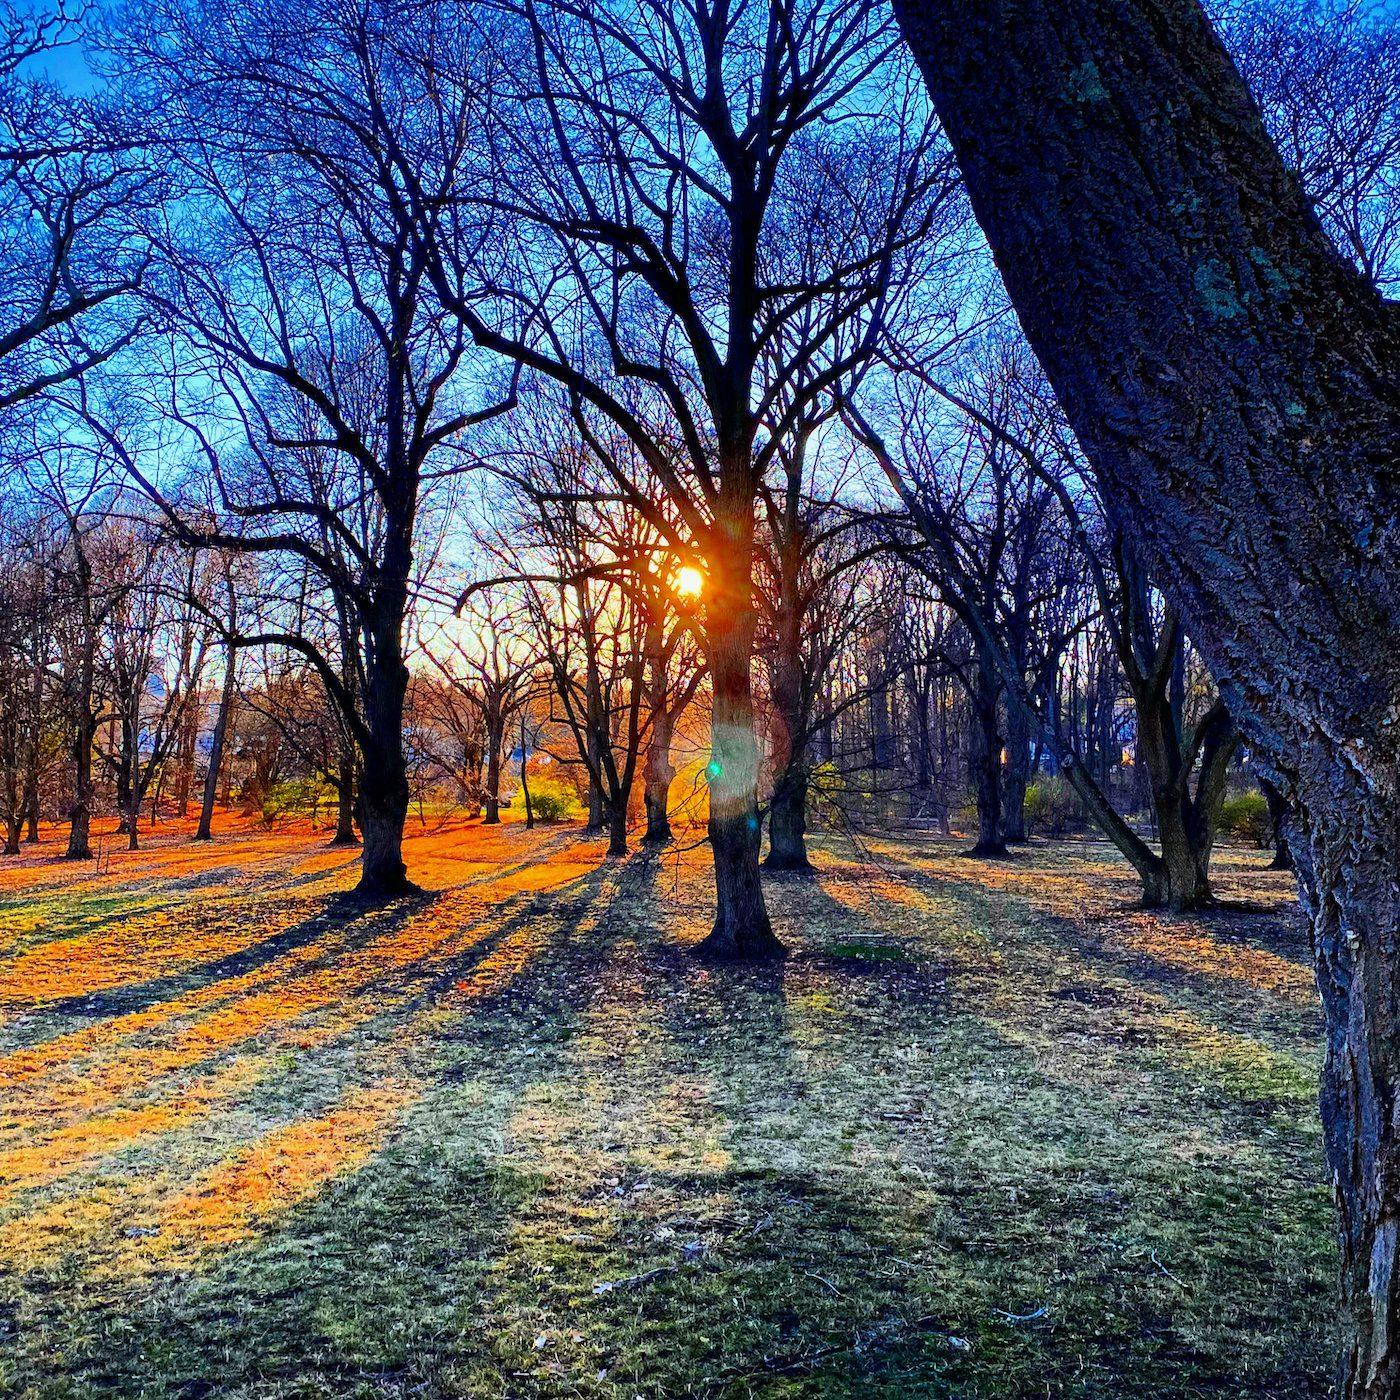 Sunset through trees in the Arnold Arboretum in Boston